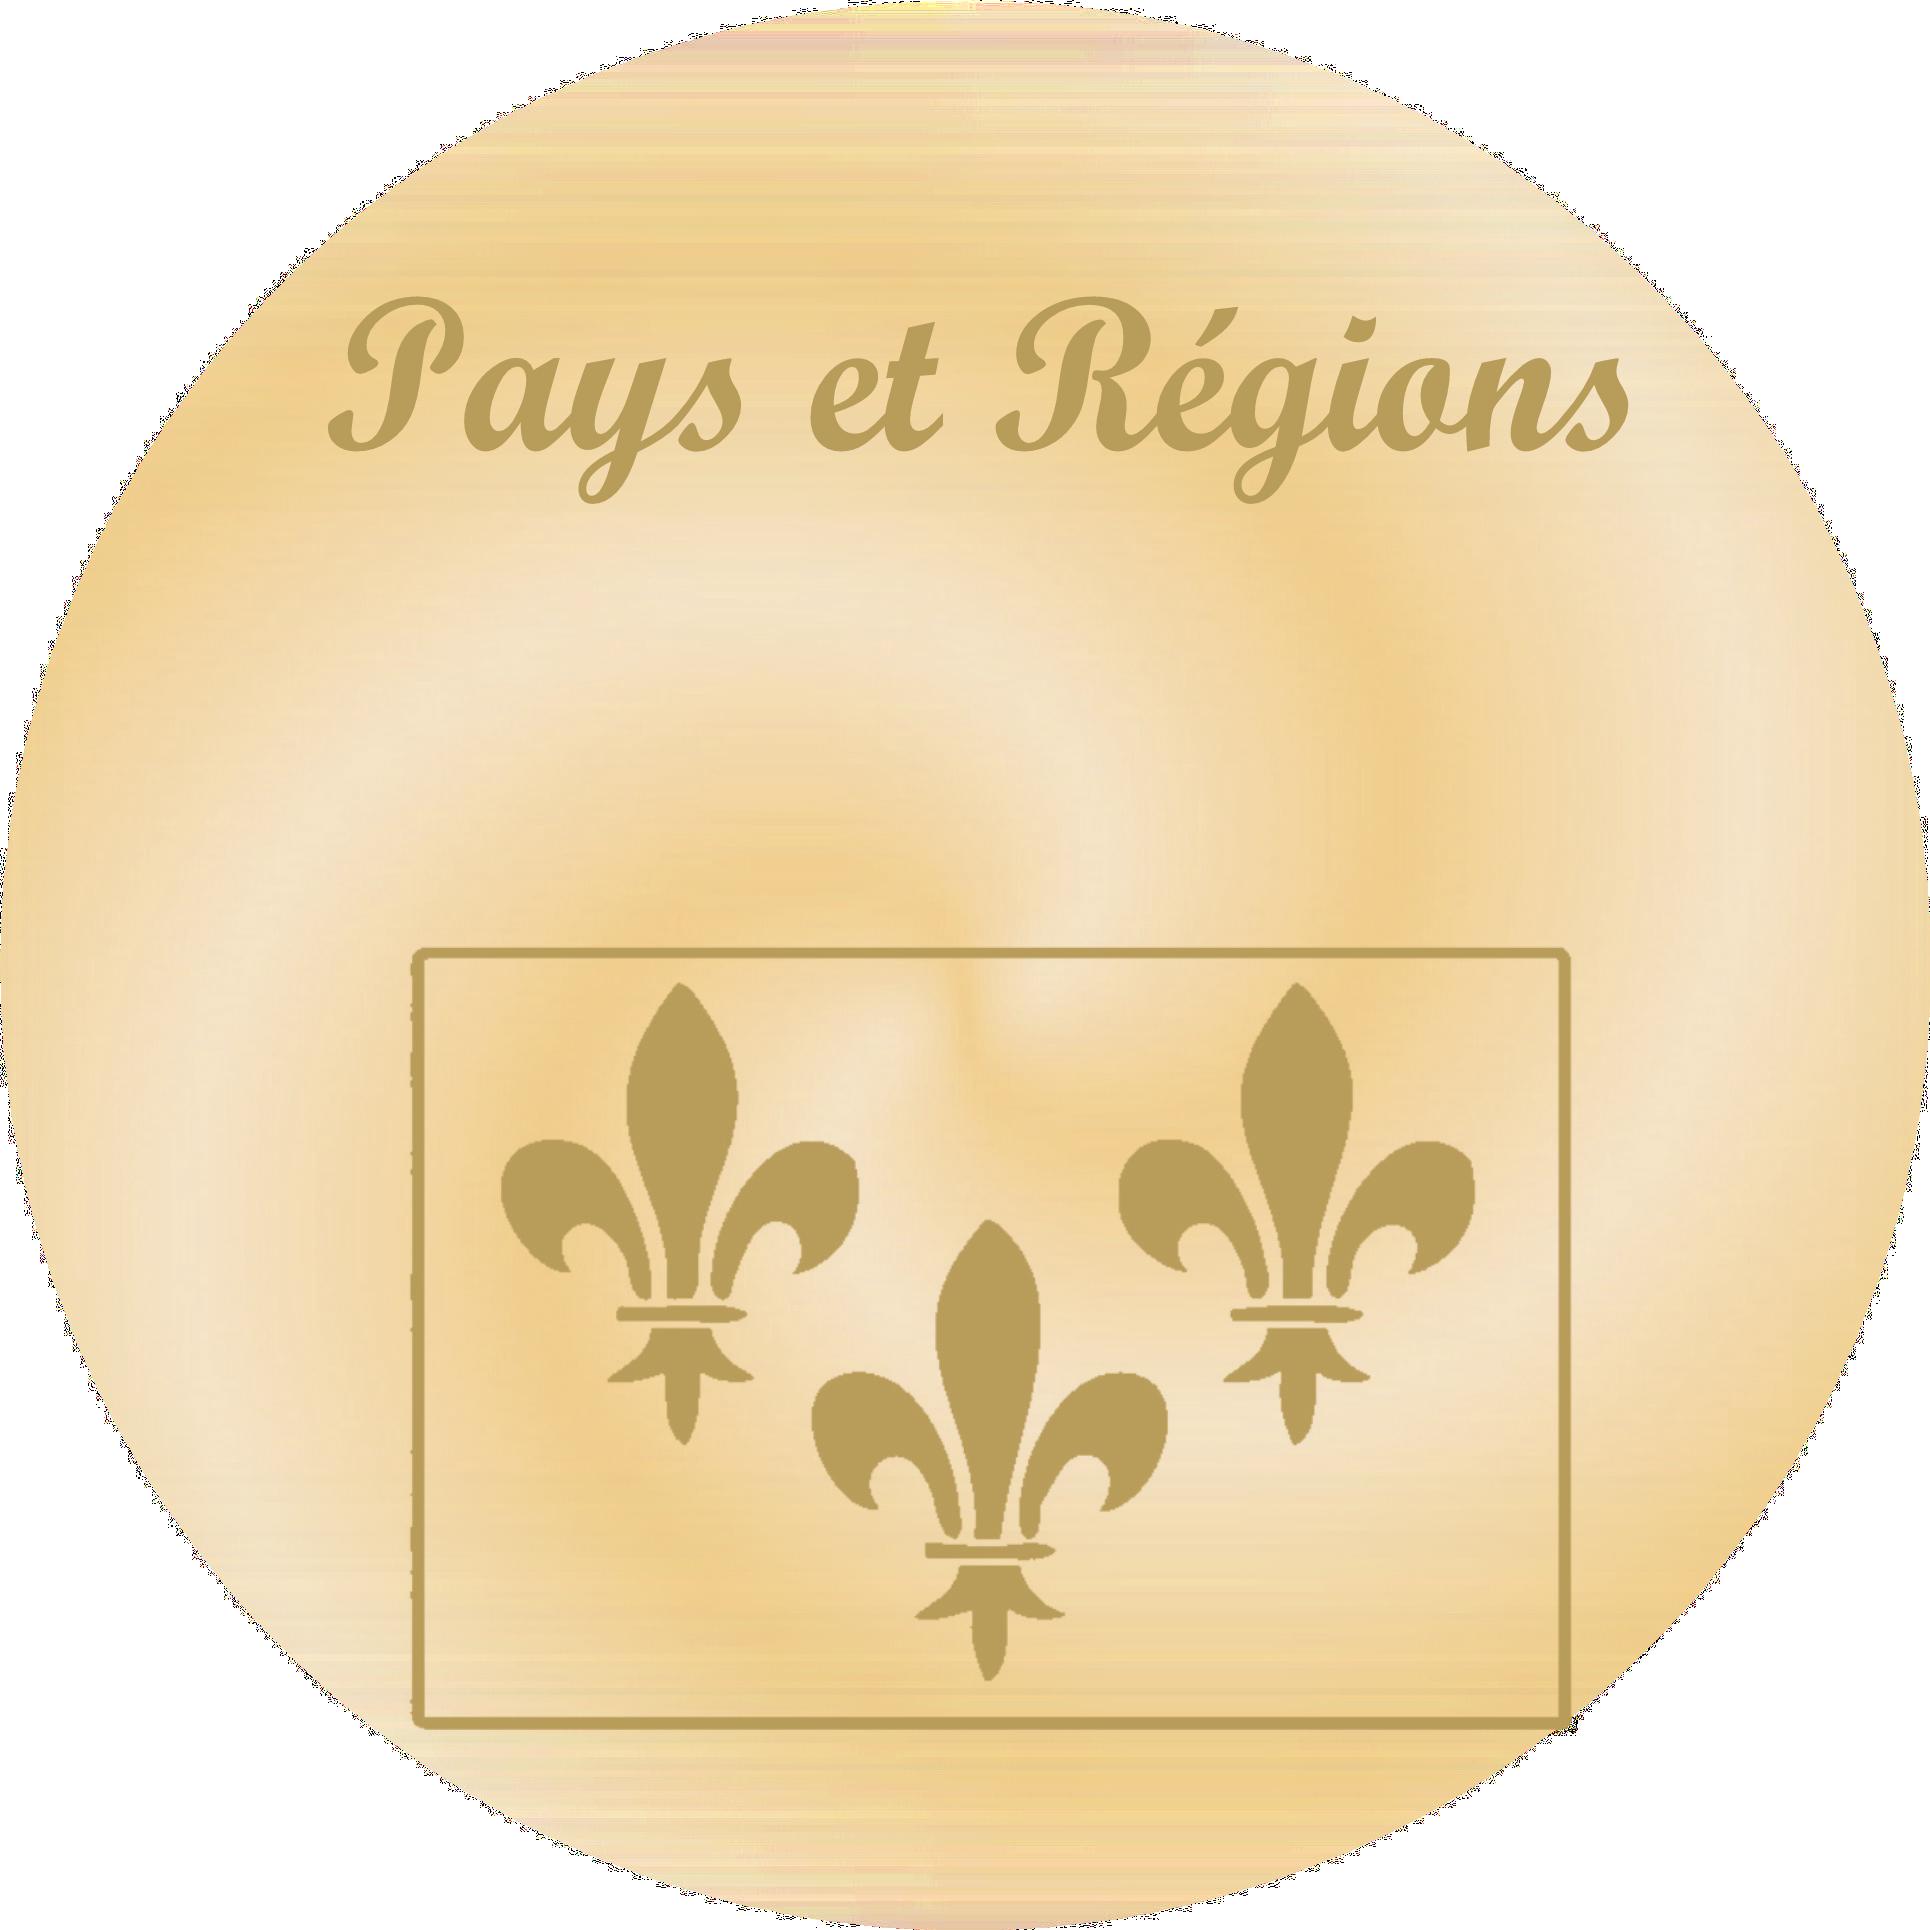 Pays et Régions - Plaques funéraires gravées or